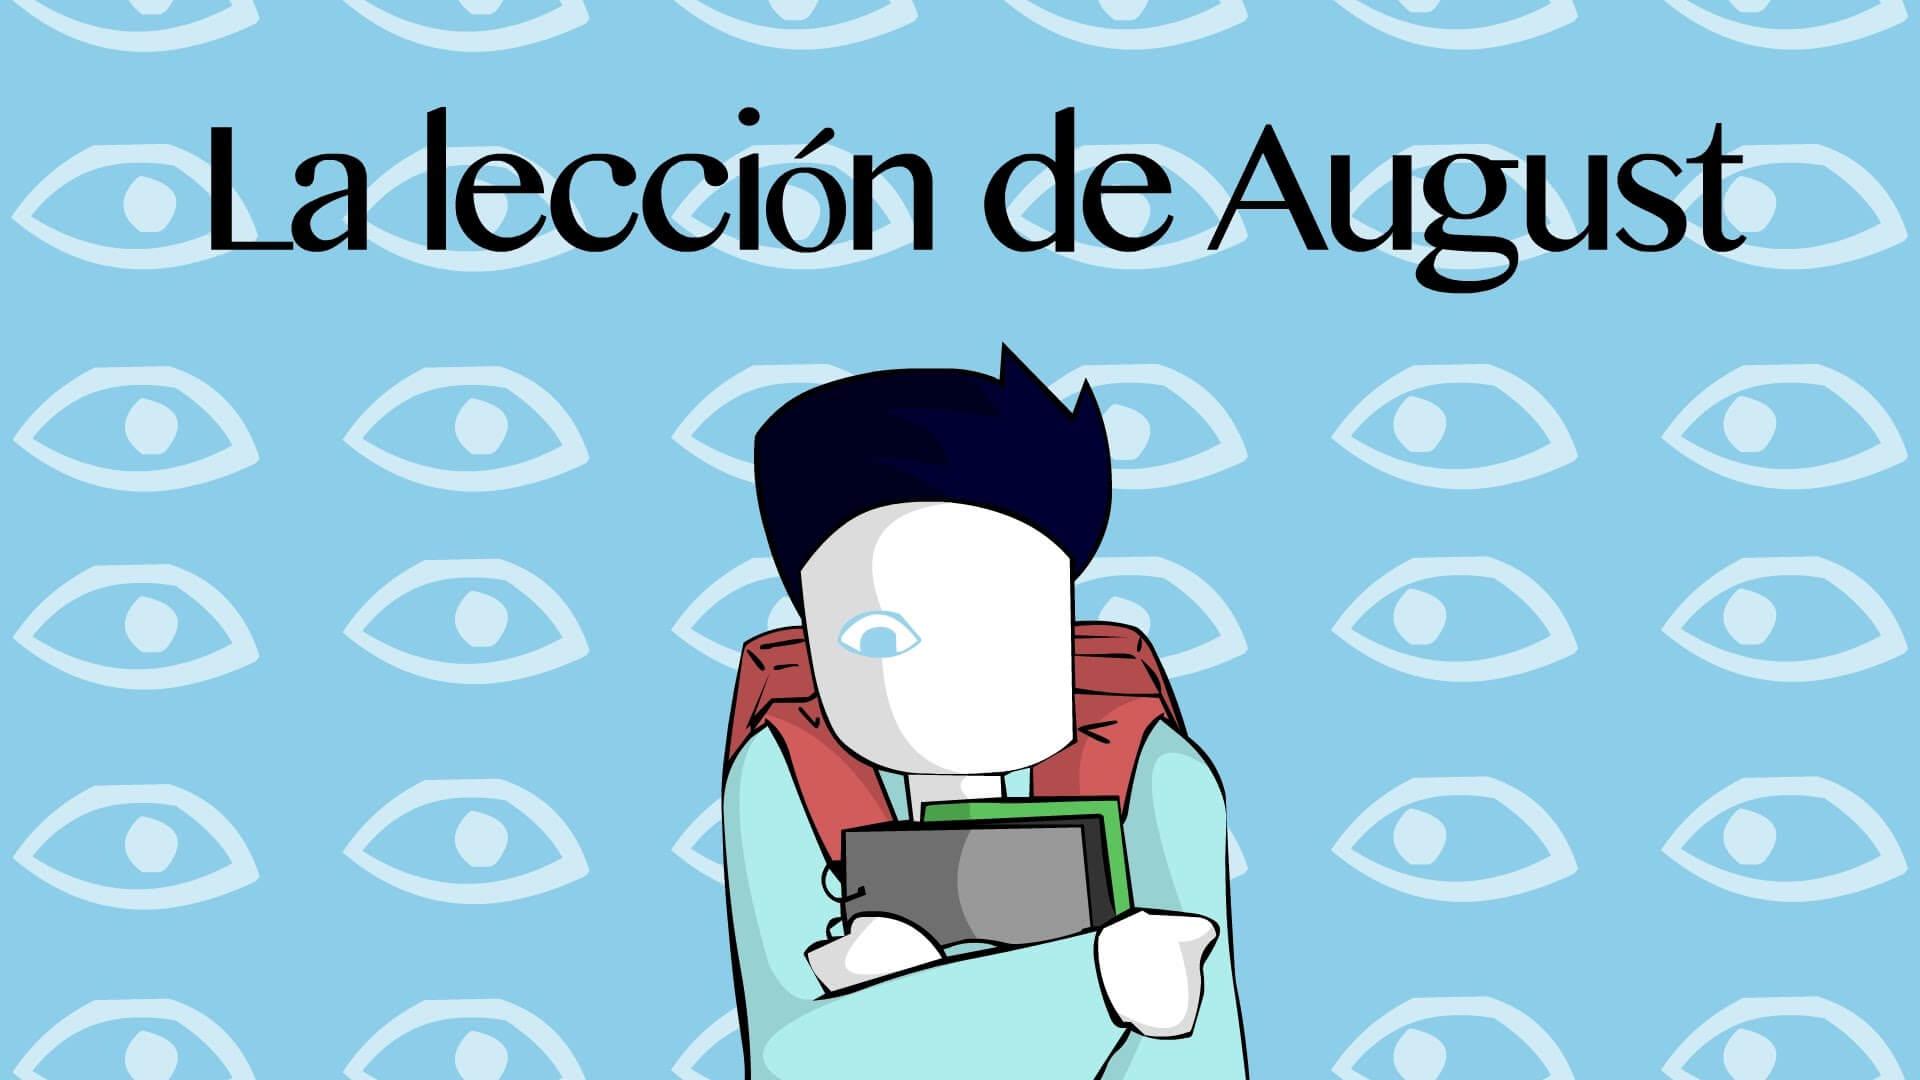 Resultado de imagen de la leccion de august